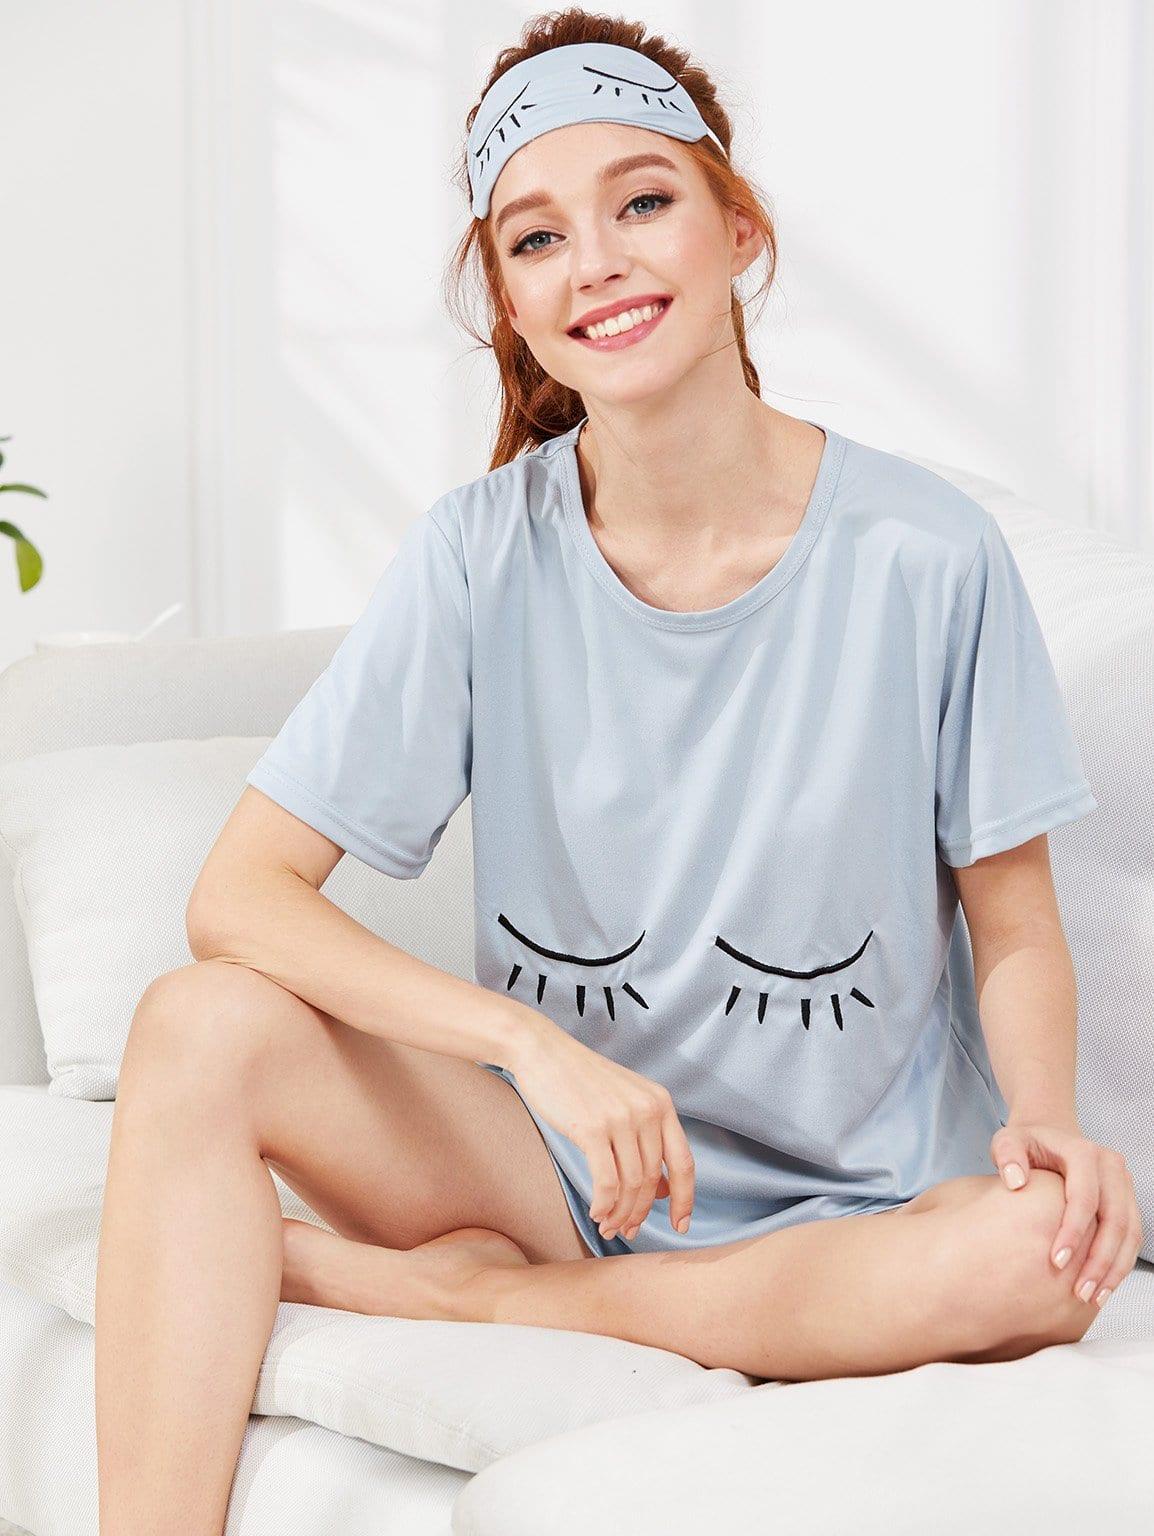 Купить Комплект пижамы топ и шорты с маской на глаза, Poly, SheIn